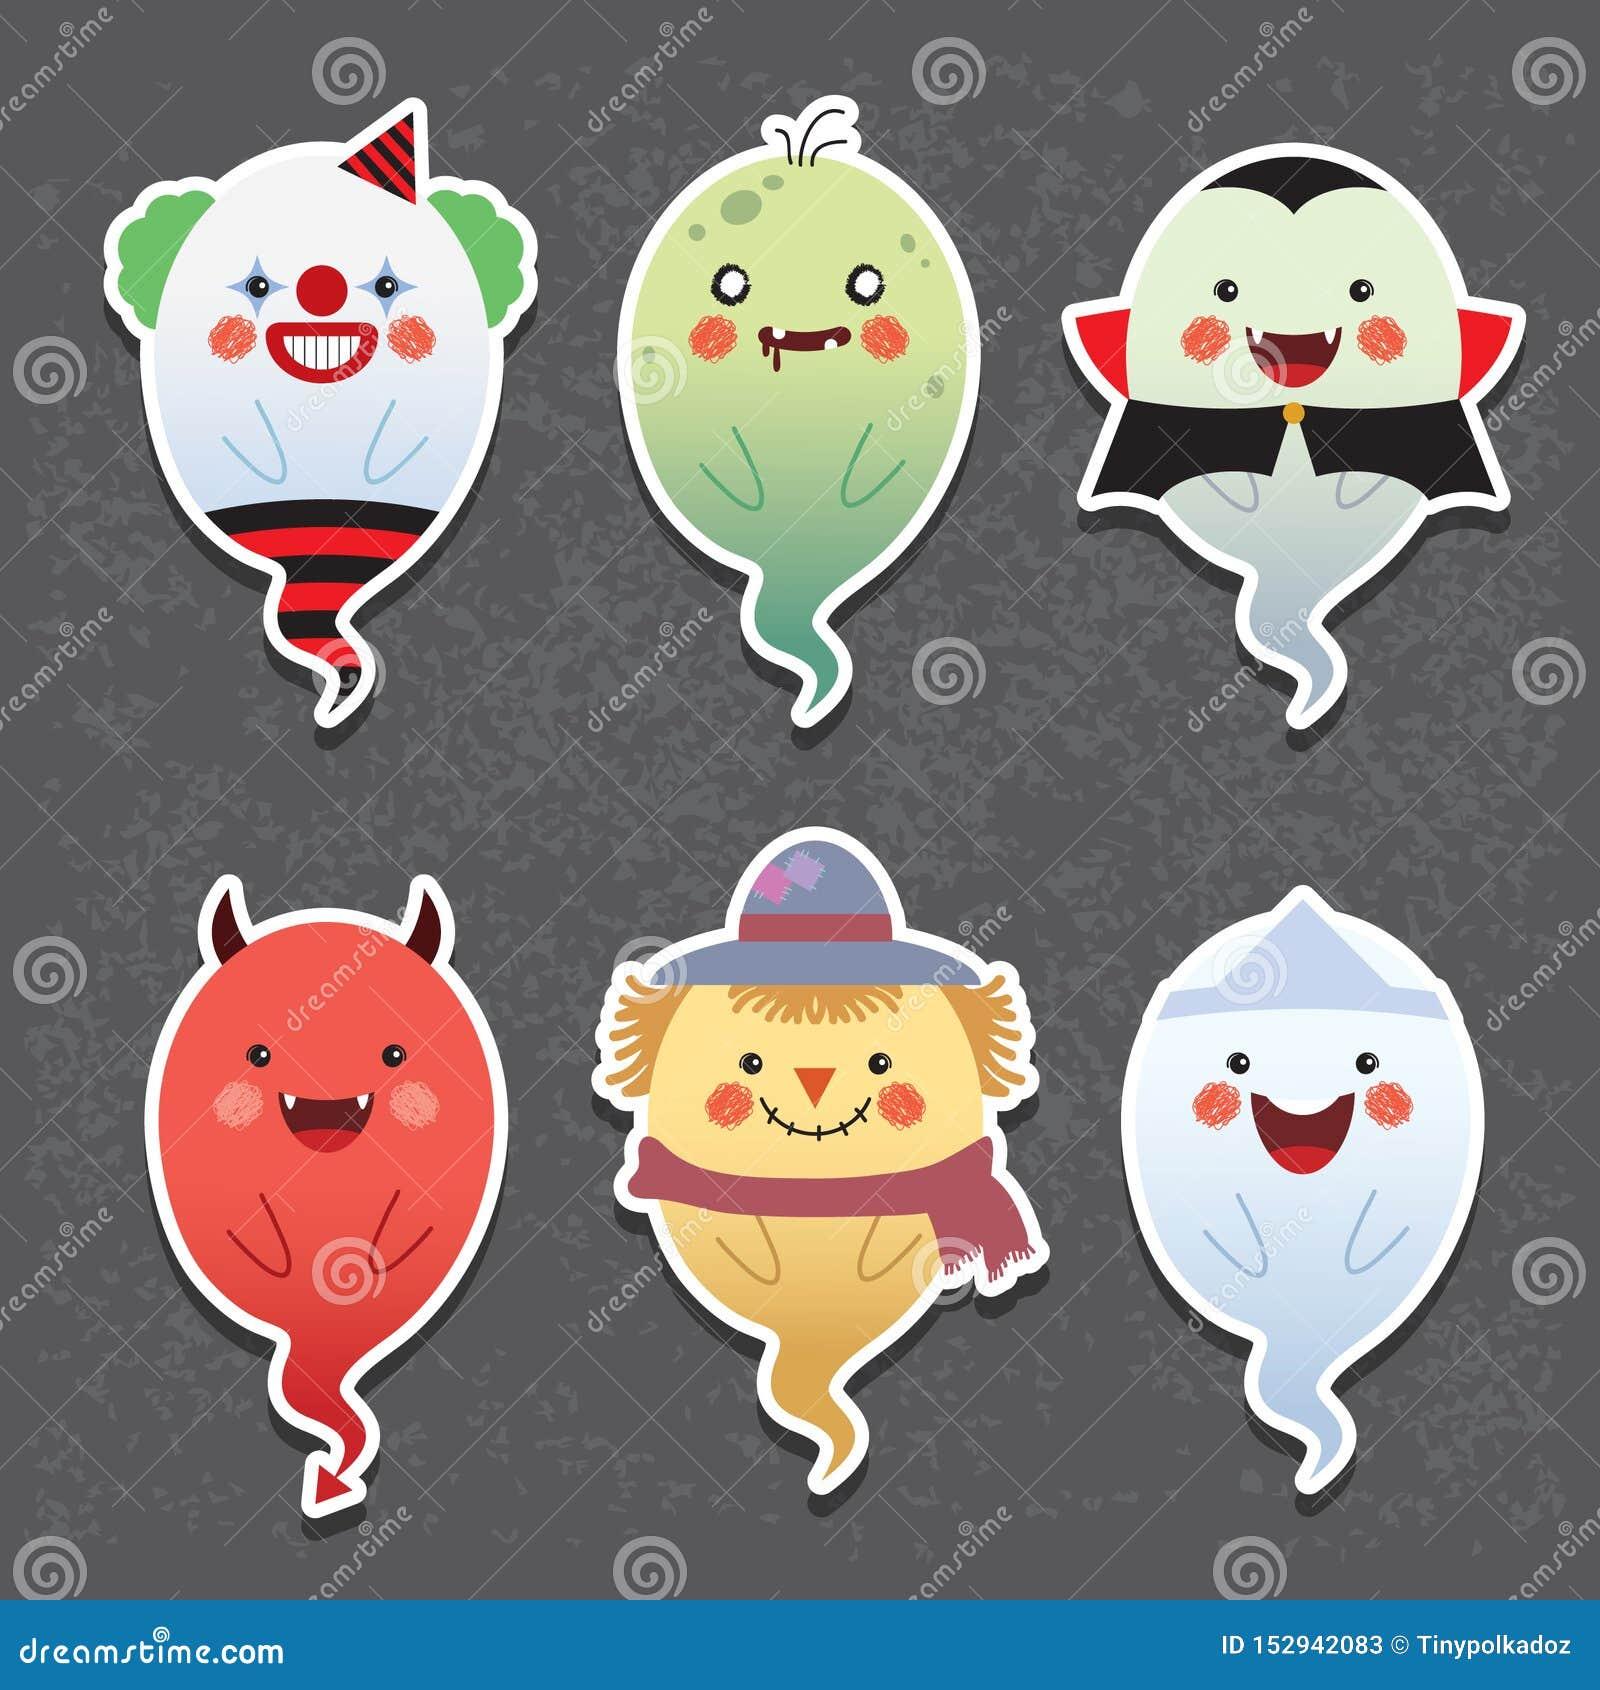 Fantômes de Halloween de bande dessinée - clown, zombi, vampire, diable, épouvantail et fantôme japonais